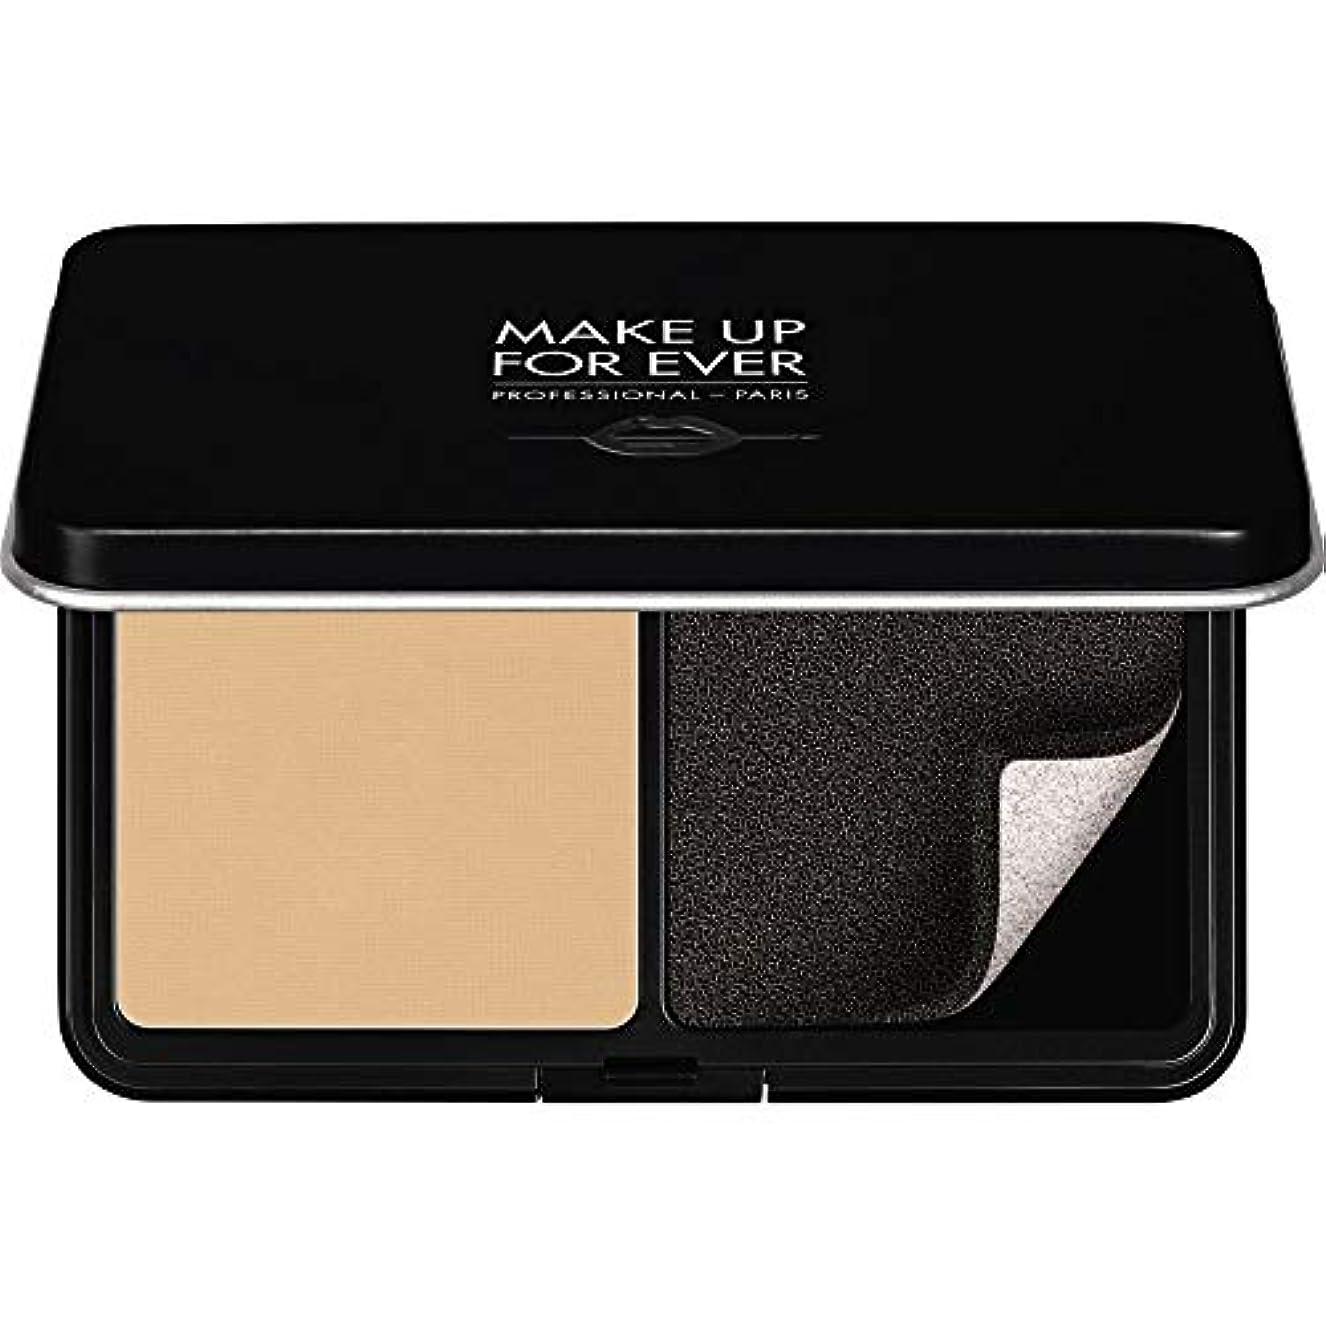 規制顔料コークス[MAKE UP FOR EVER ] パウダーファンデーション11GののY225をぼかし、これまでマットベルベットの肌を補う - 大理石 - MAKE UP FOR EVER Matte Velvet Skin Blurring...